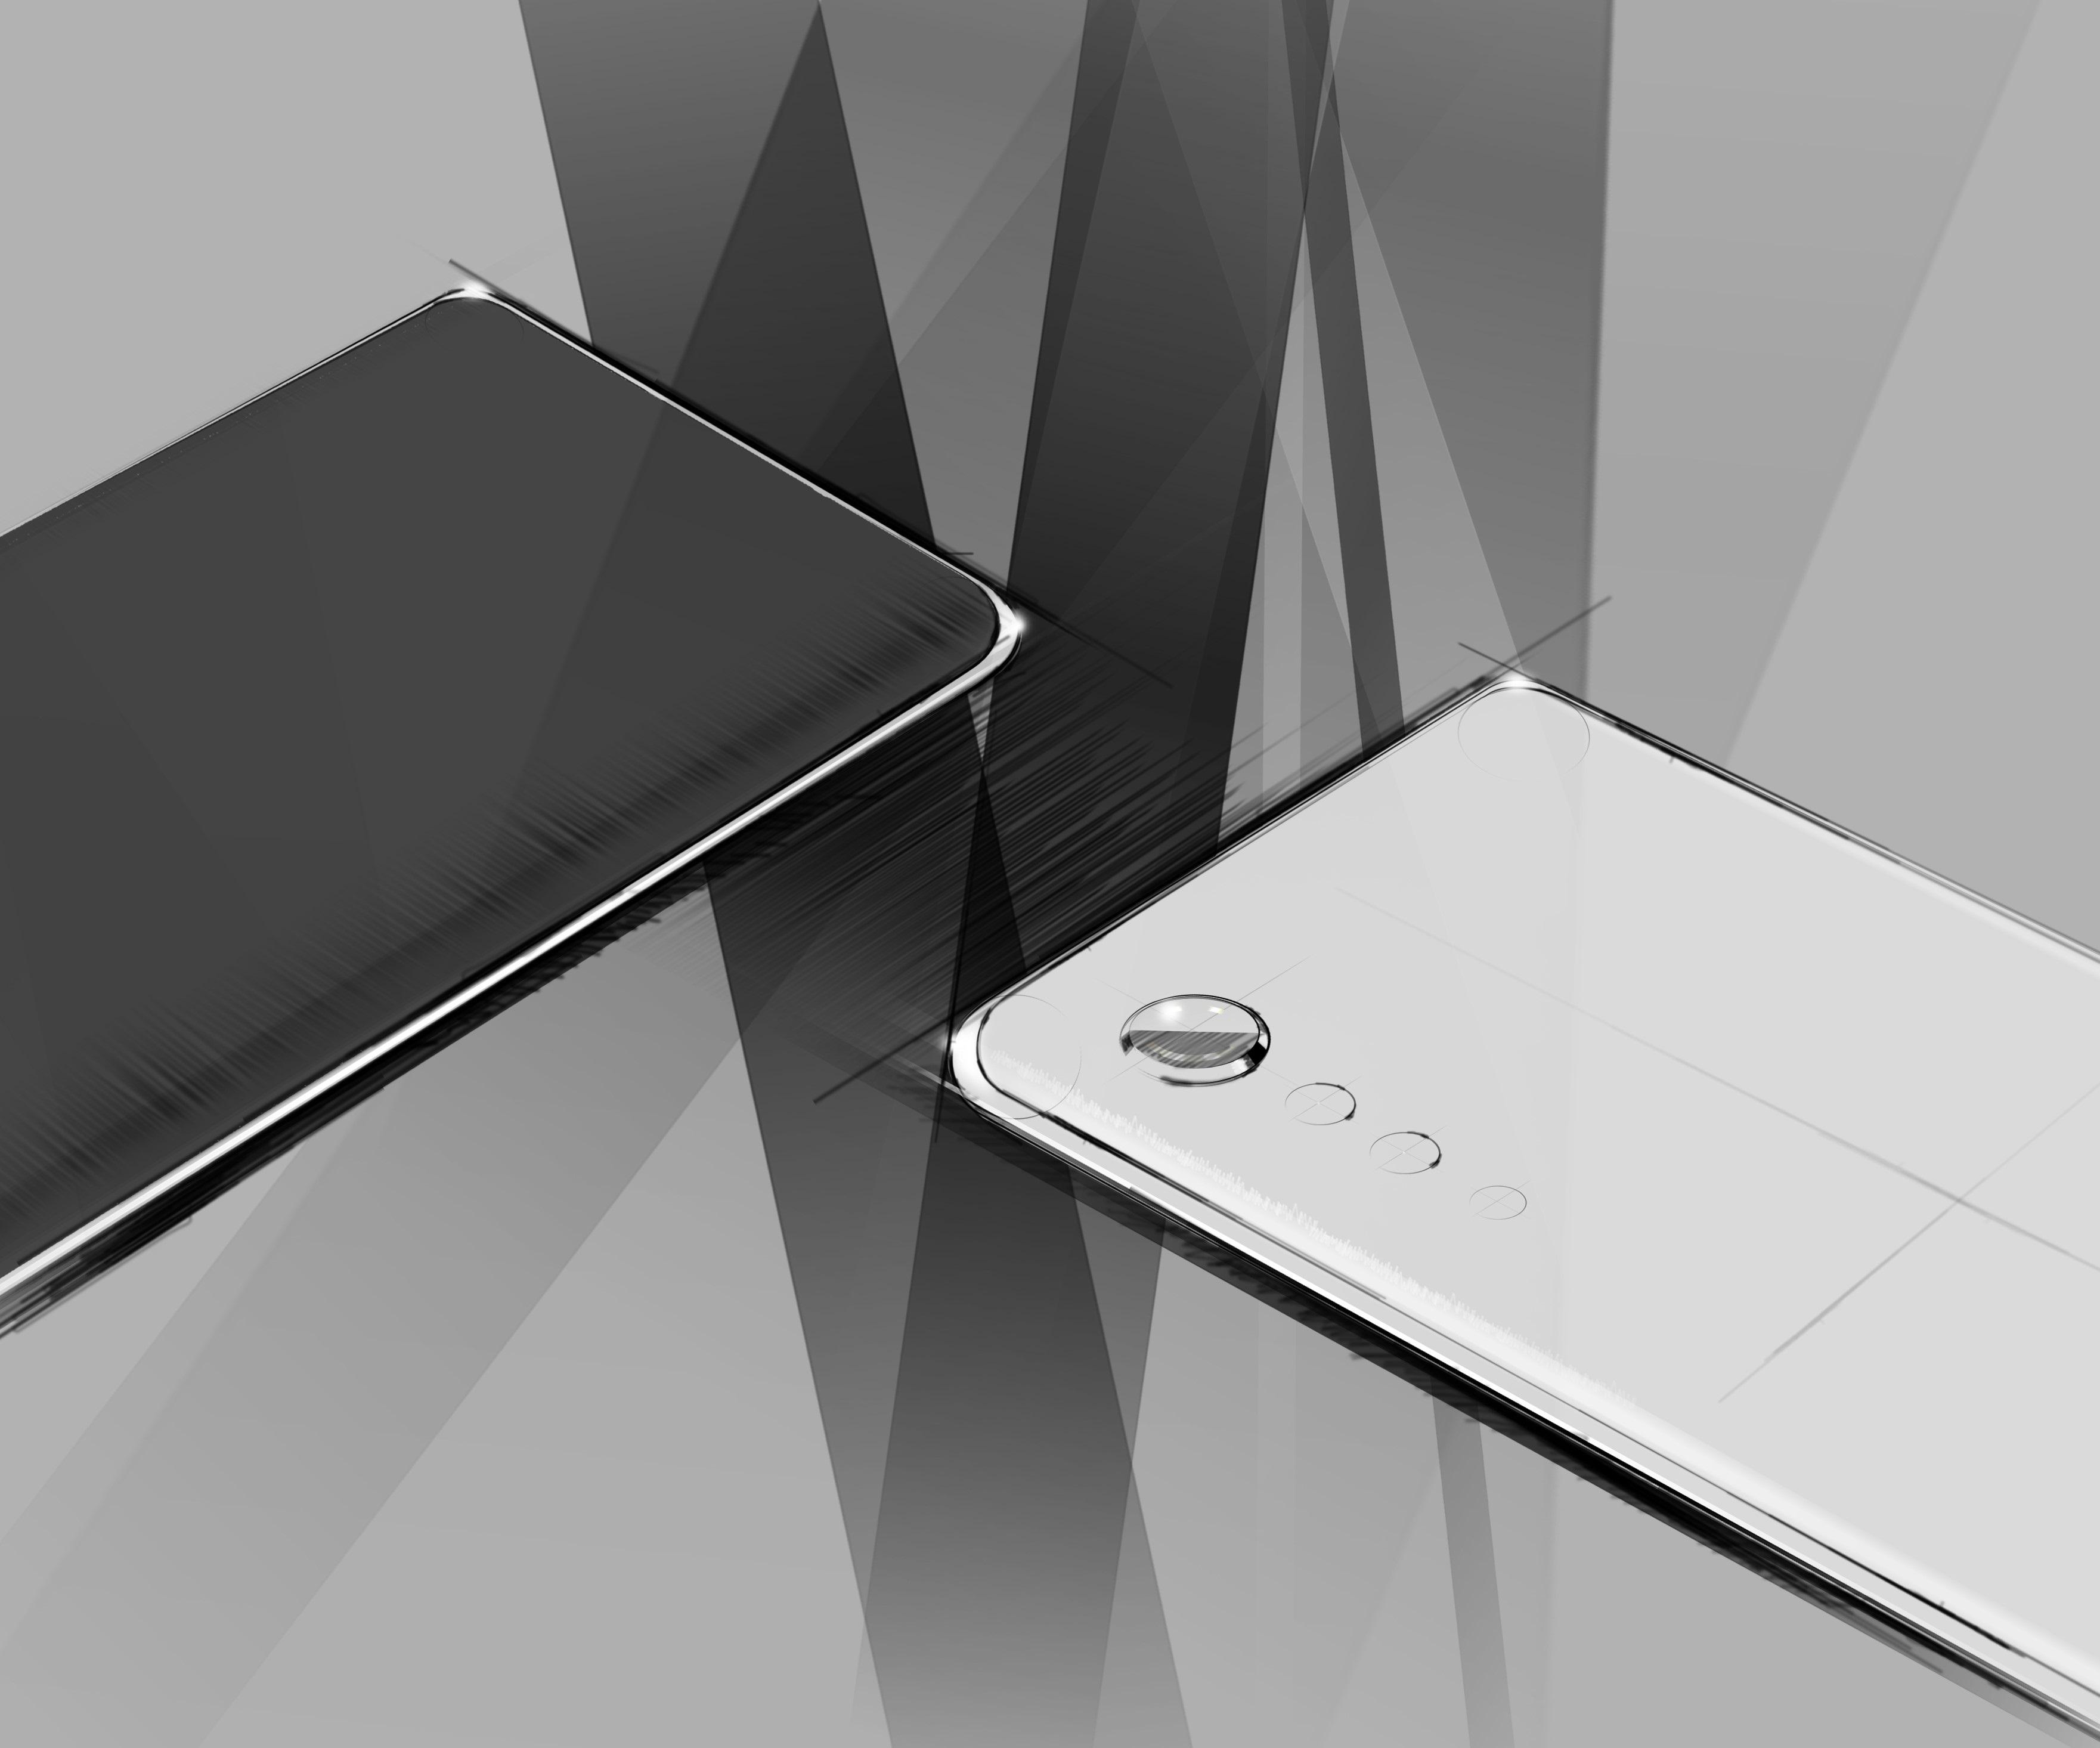 Tak będą wyglądać nowe smartfony LG. Nadchodzi mała rewolucja